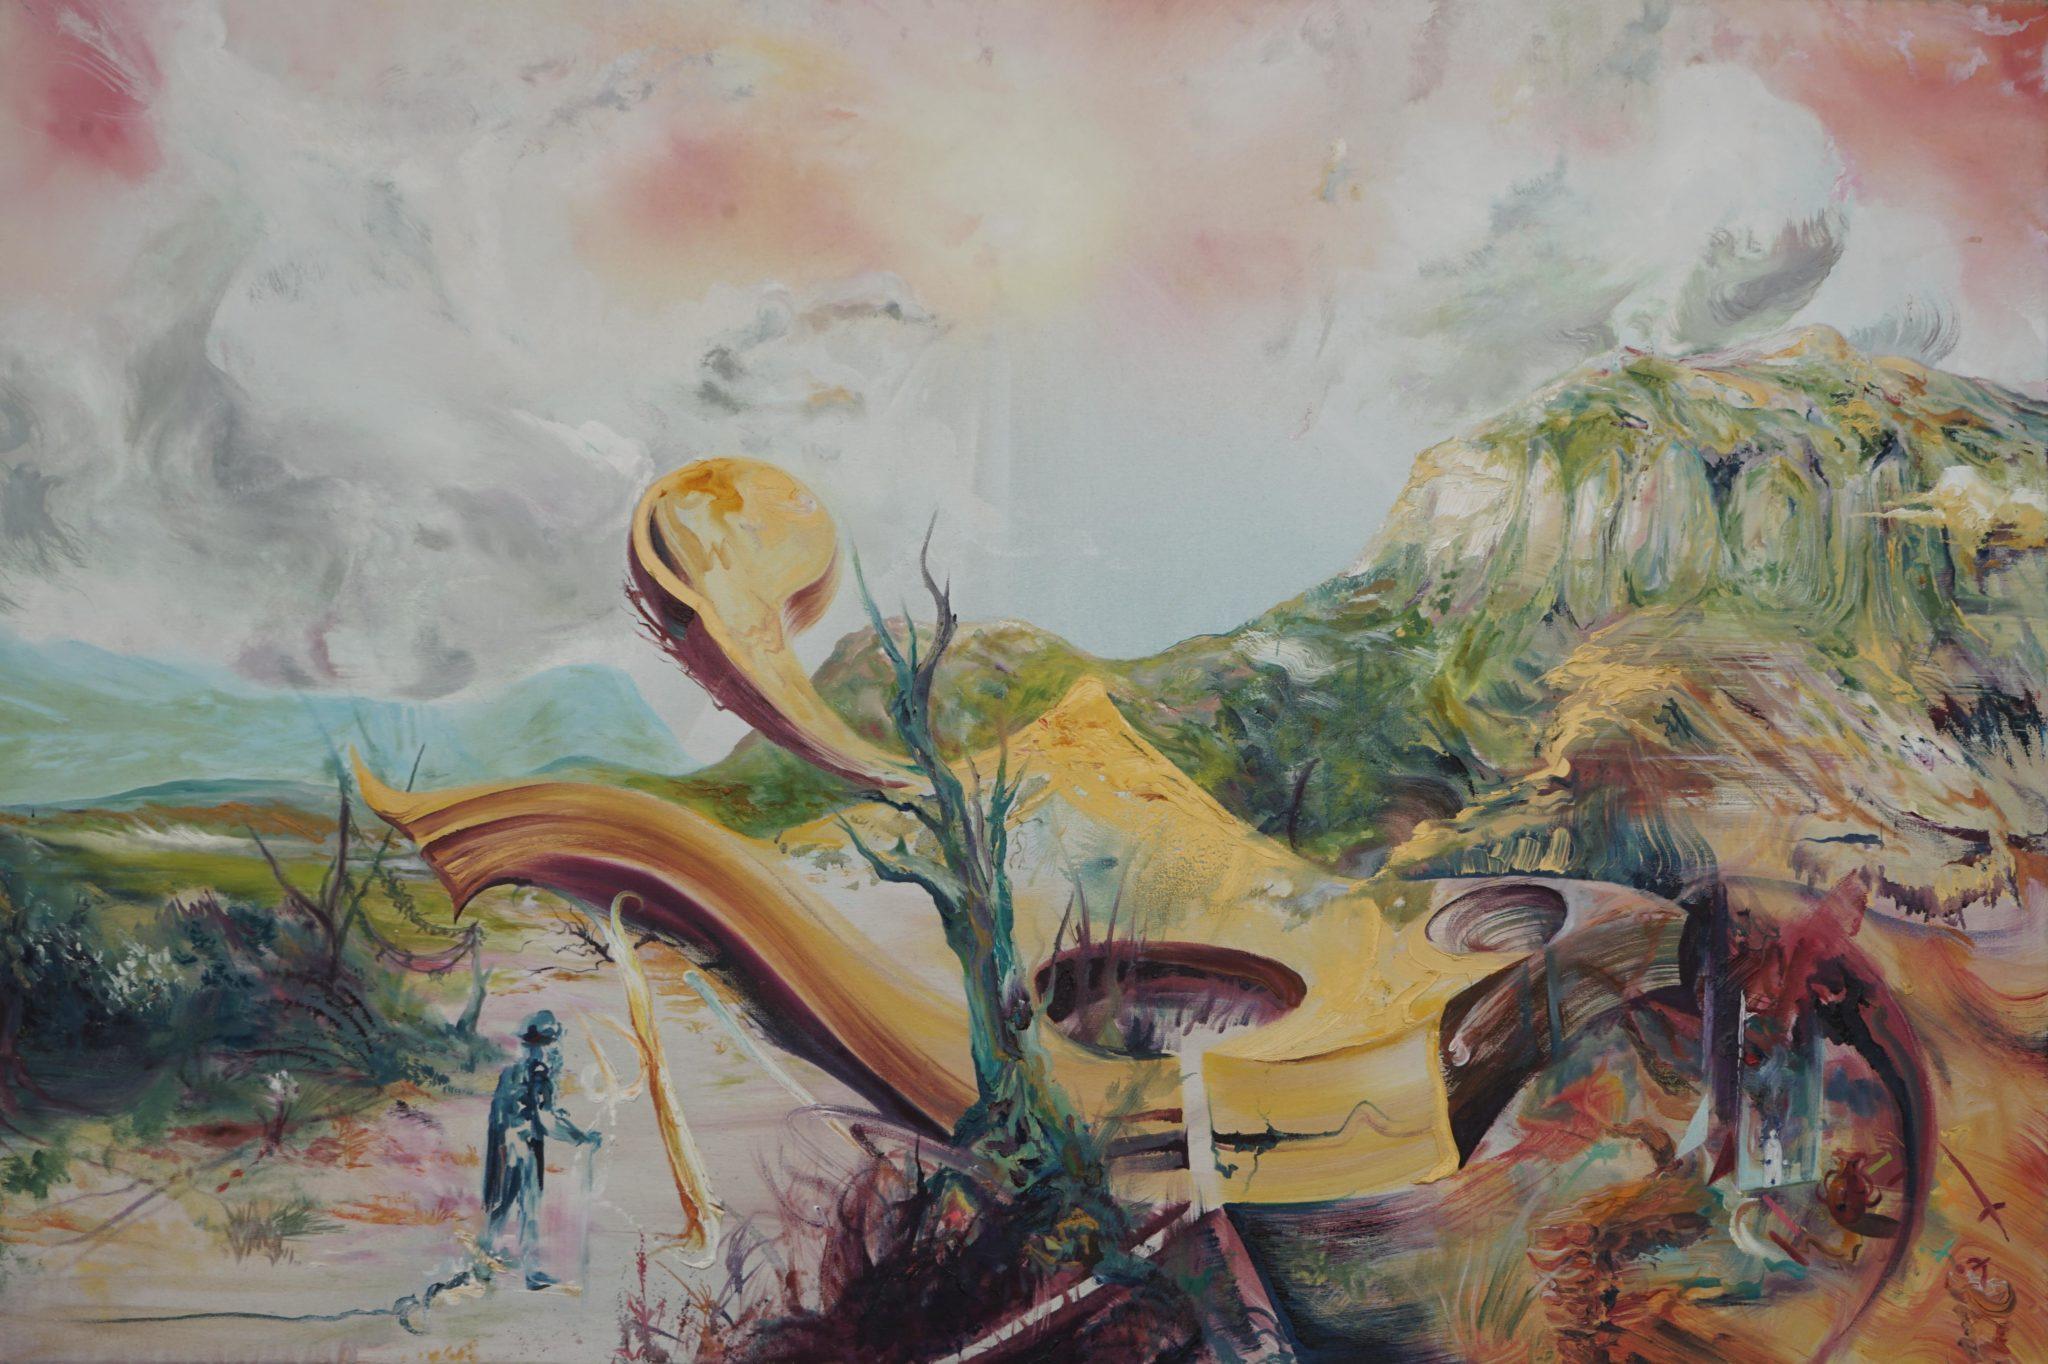 Amonte The Rex's Dream